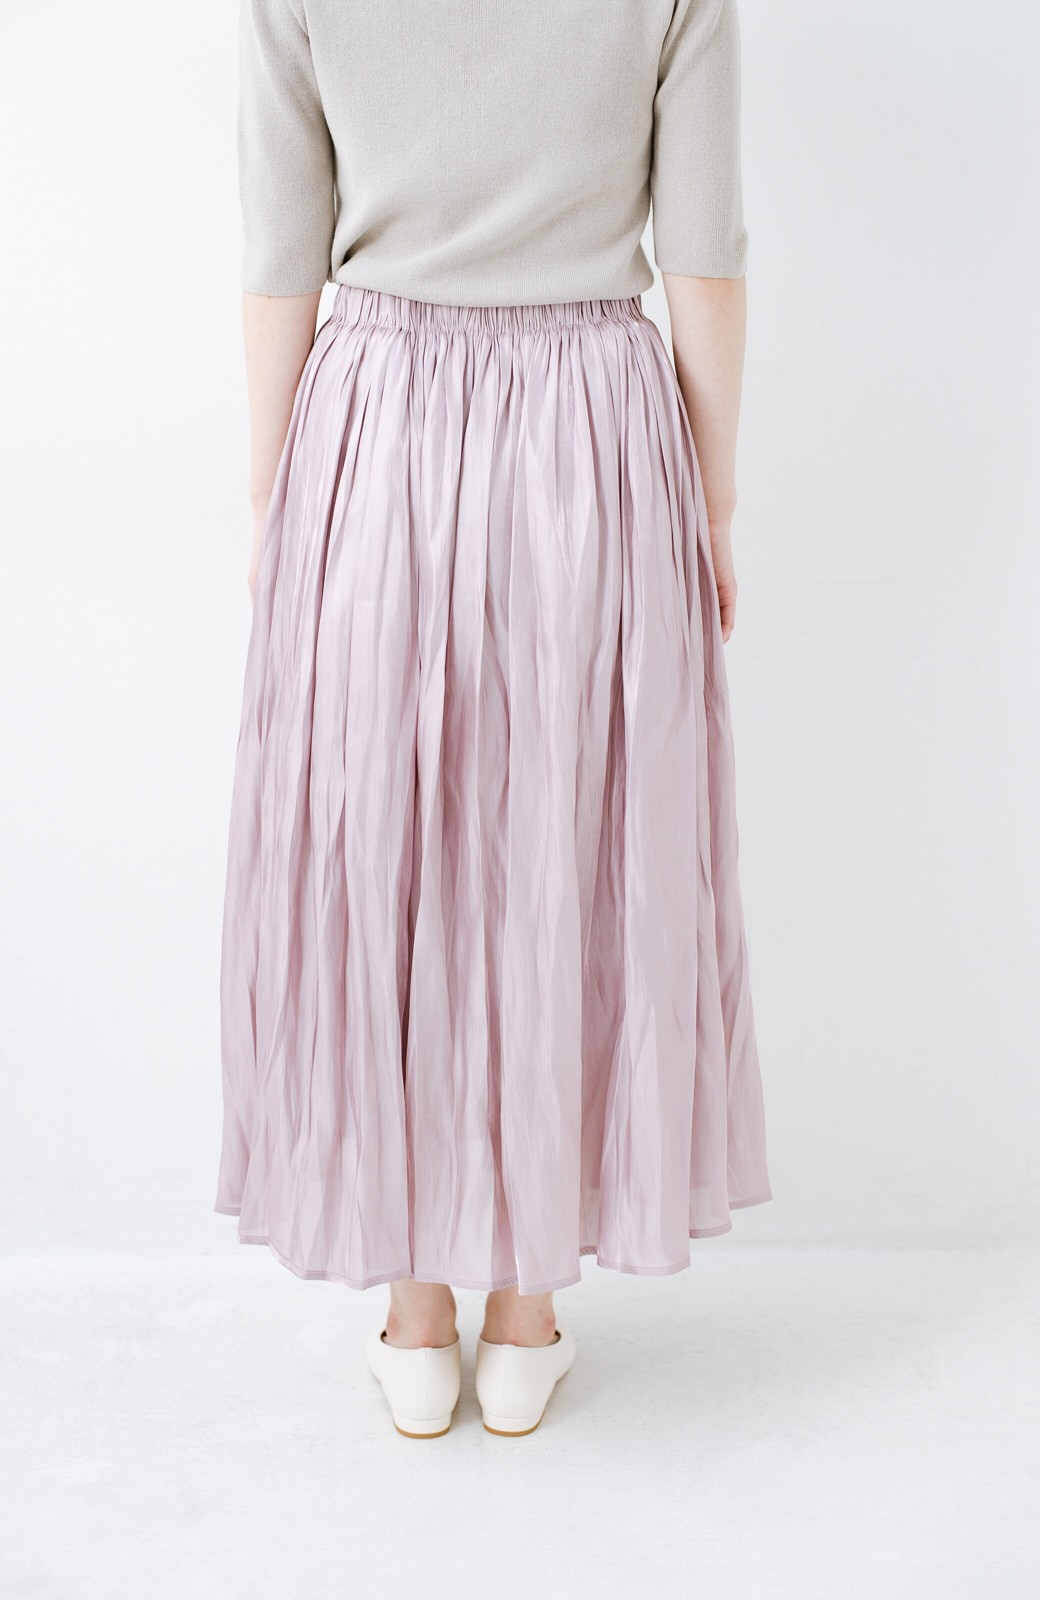 haco! 1枚でも重ね着にも便利なキラキラ素材がかわいいロングスカート by laulea <スモークピンク>の商品写真4